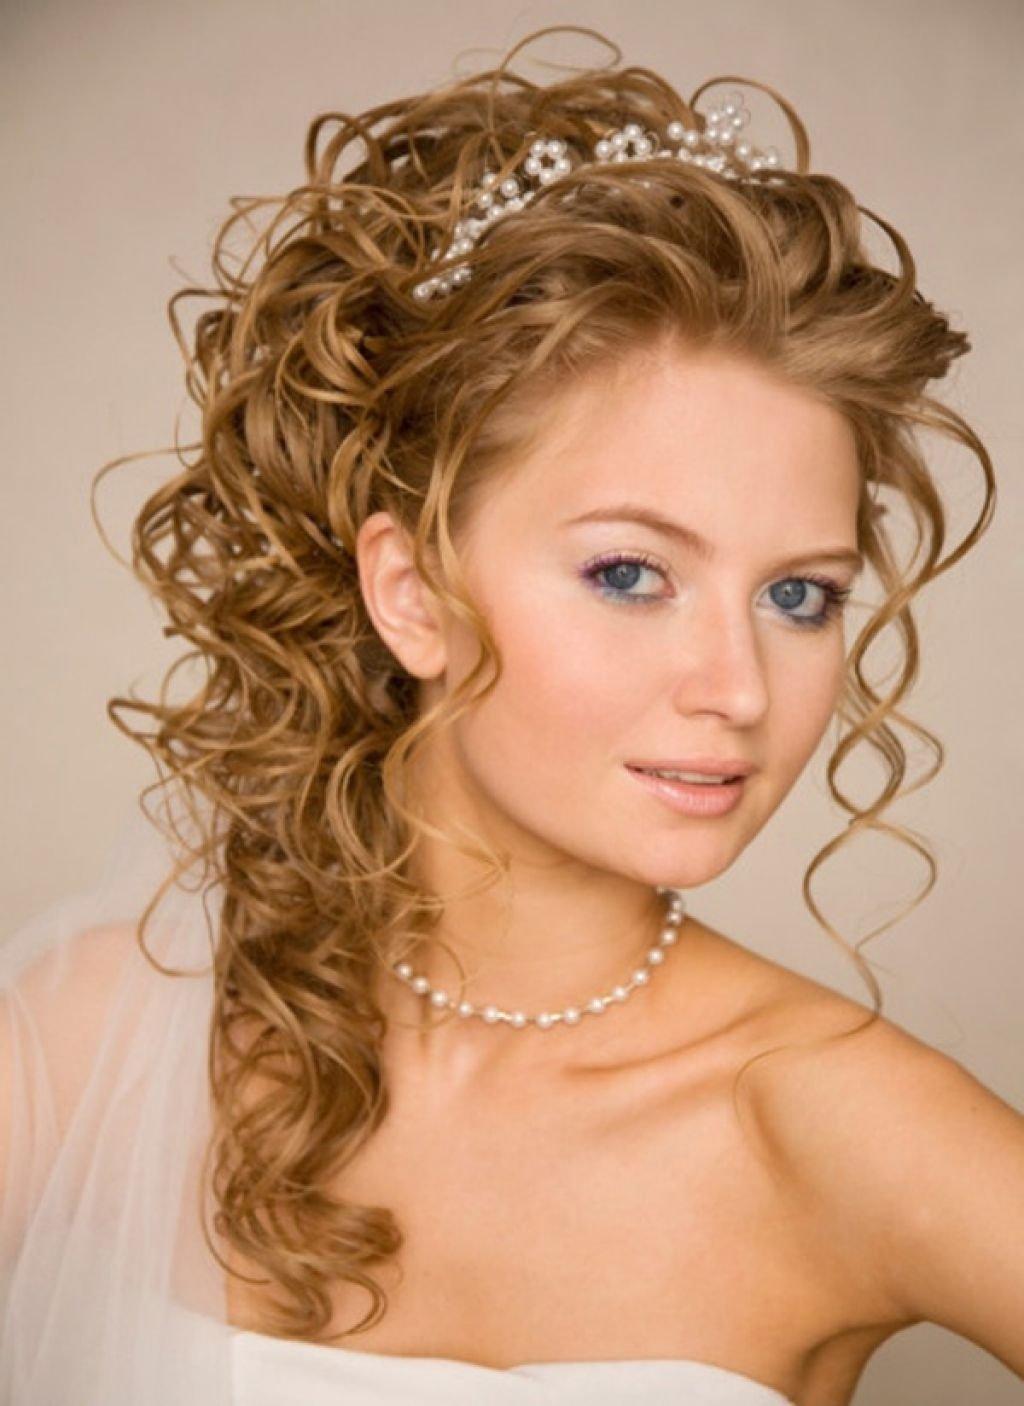 Прическа на длинные волосы фото локоны невеста7